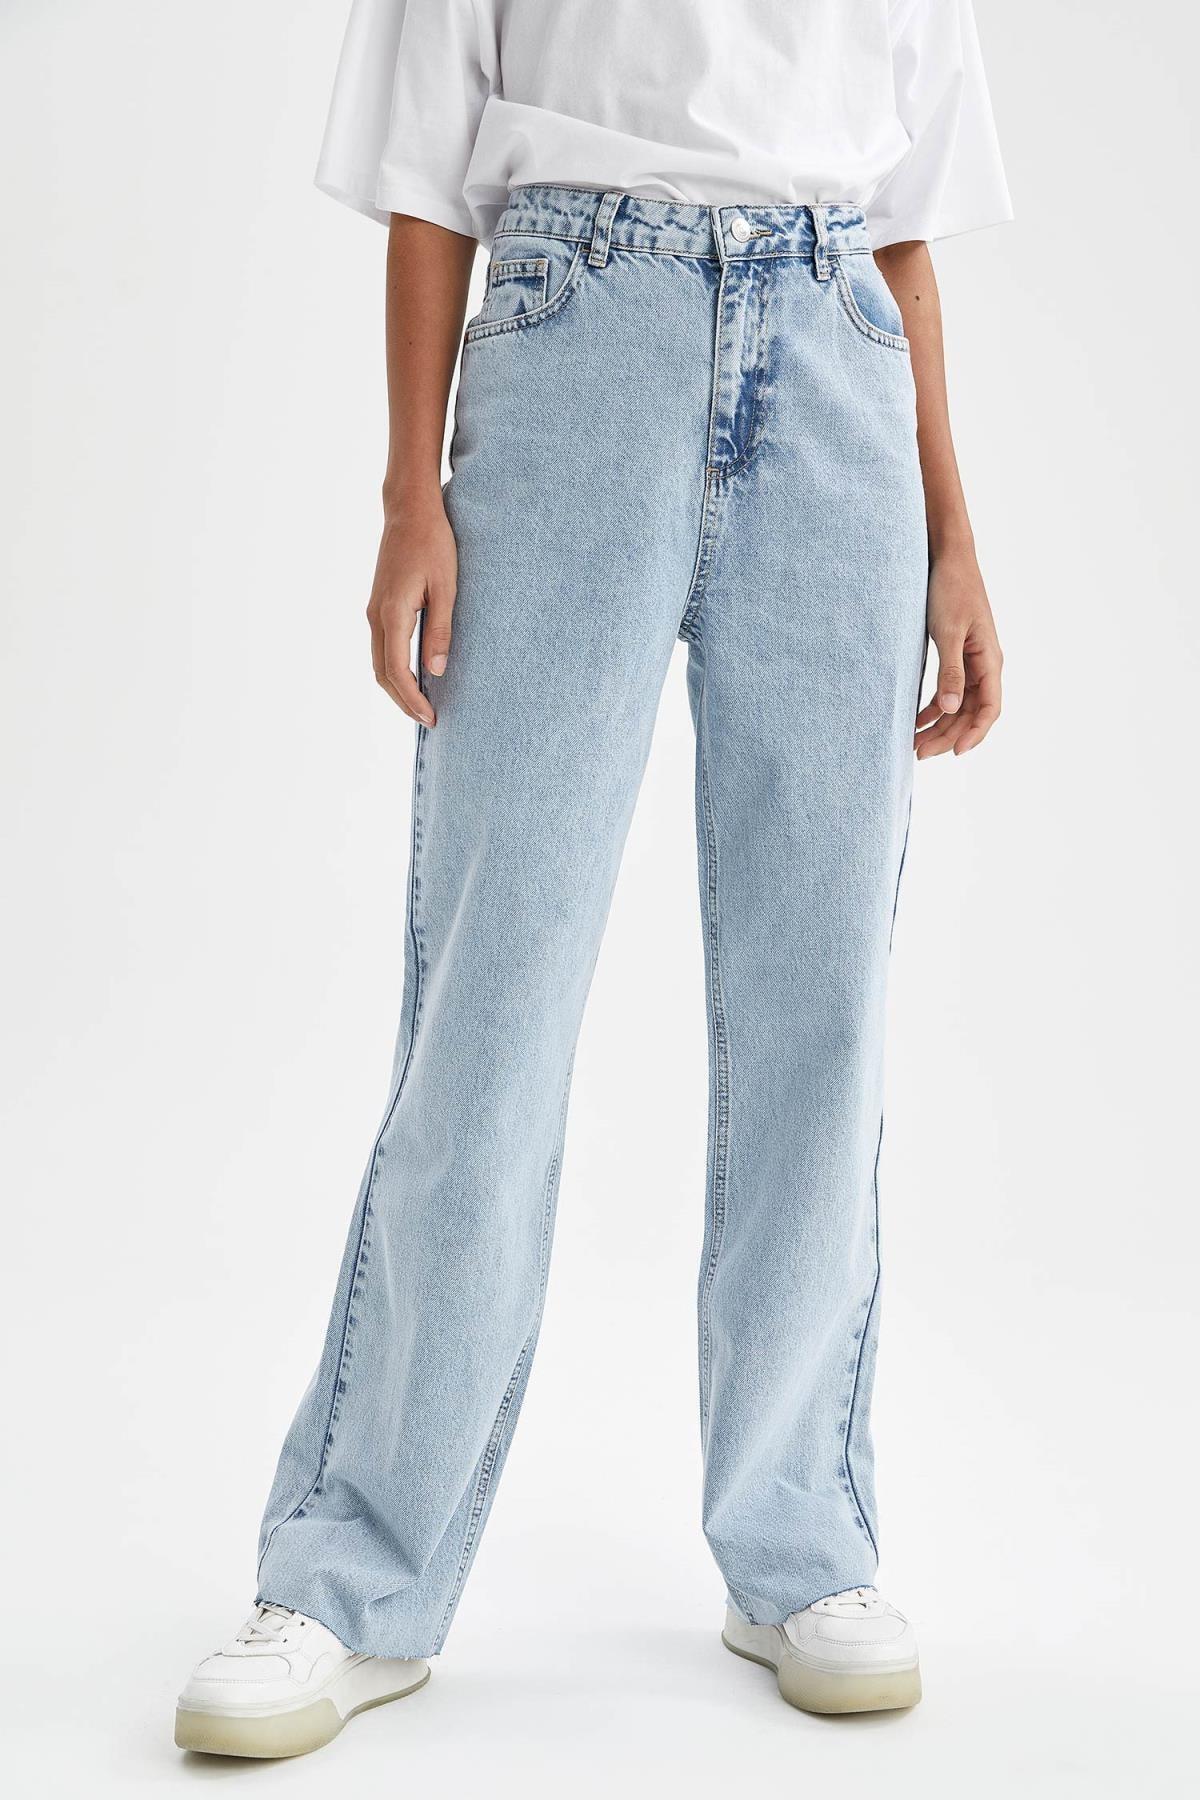 Kadın Mavi 90's Geniş Paça Yüksek Bel Jean Pantolon